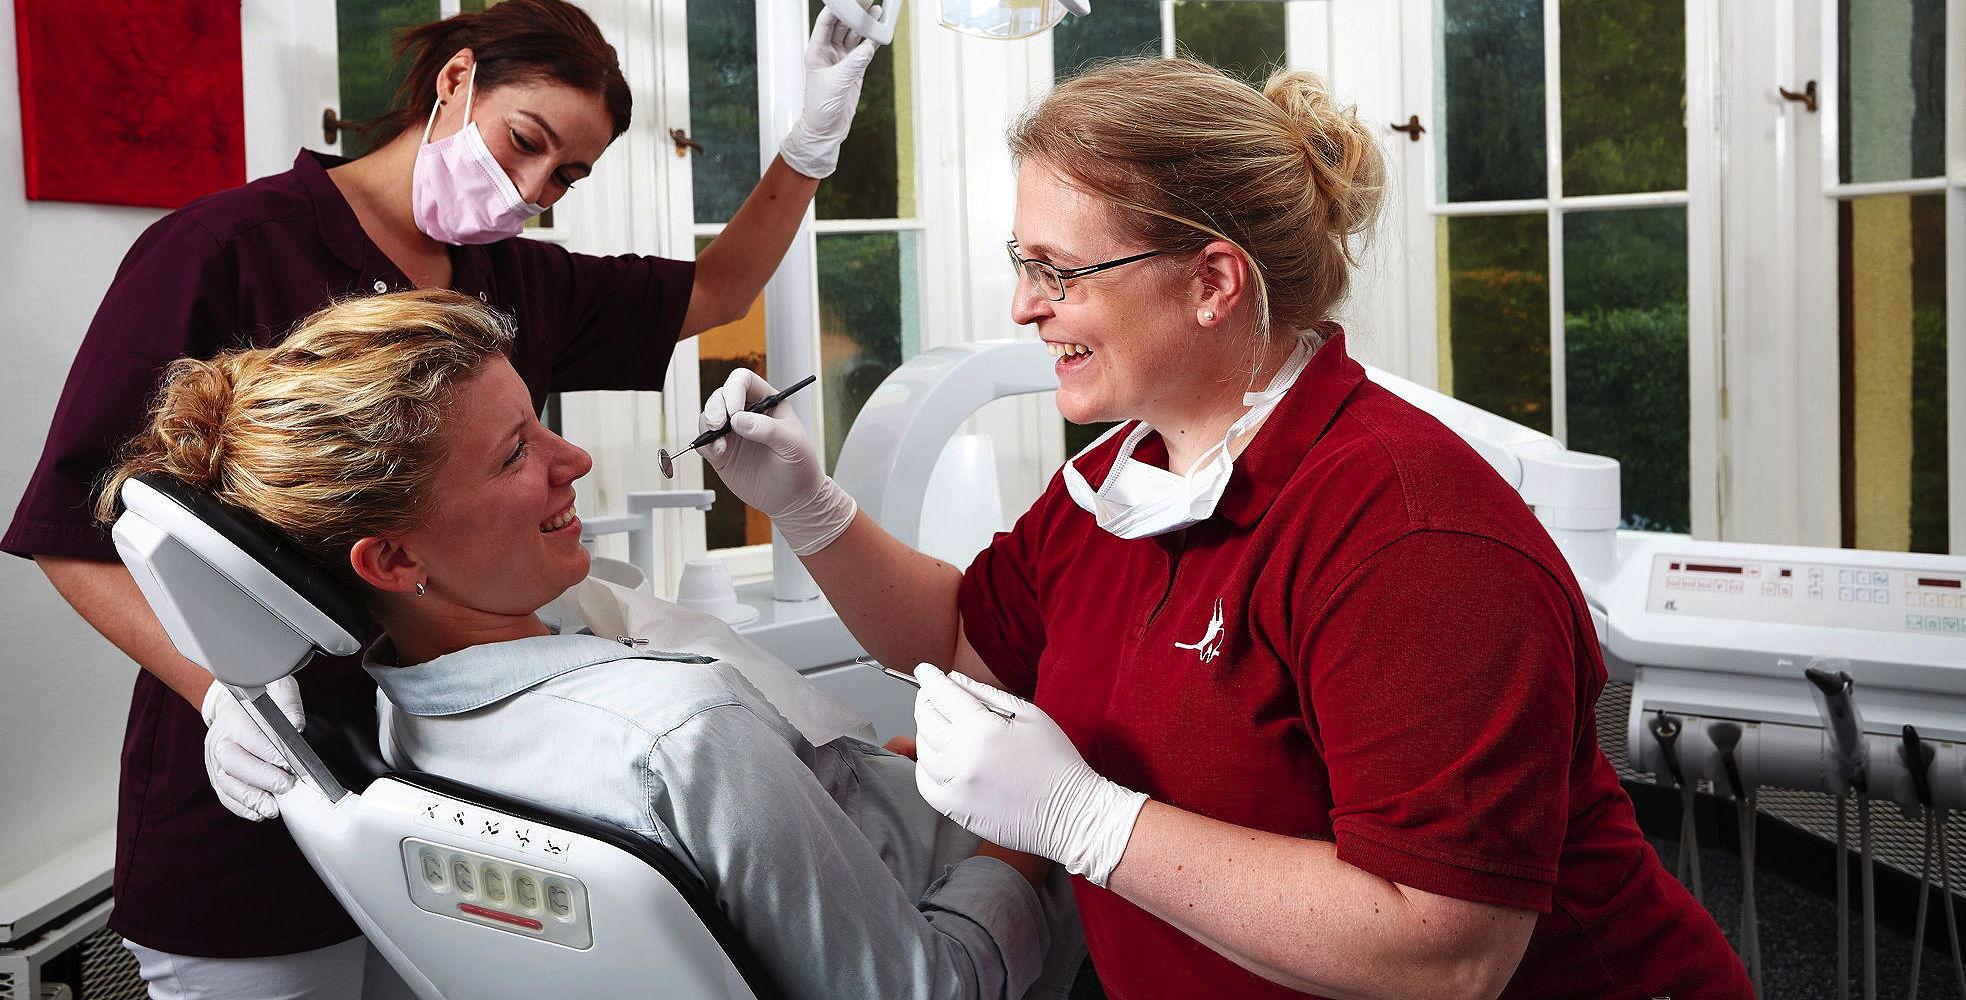 Zahnärztin Julia Ehrlich bei der Vorsorgeuntersuchung einer Patientin in Ihrer Zahnarztpraxis in Köln Lindenthal